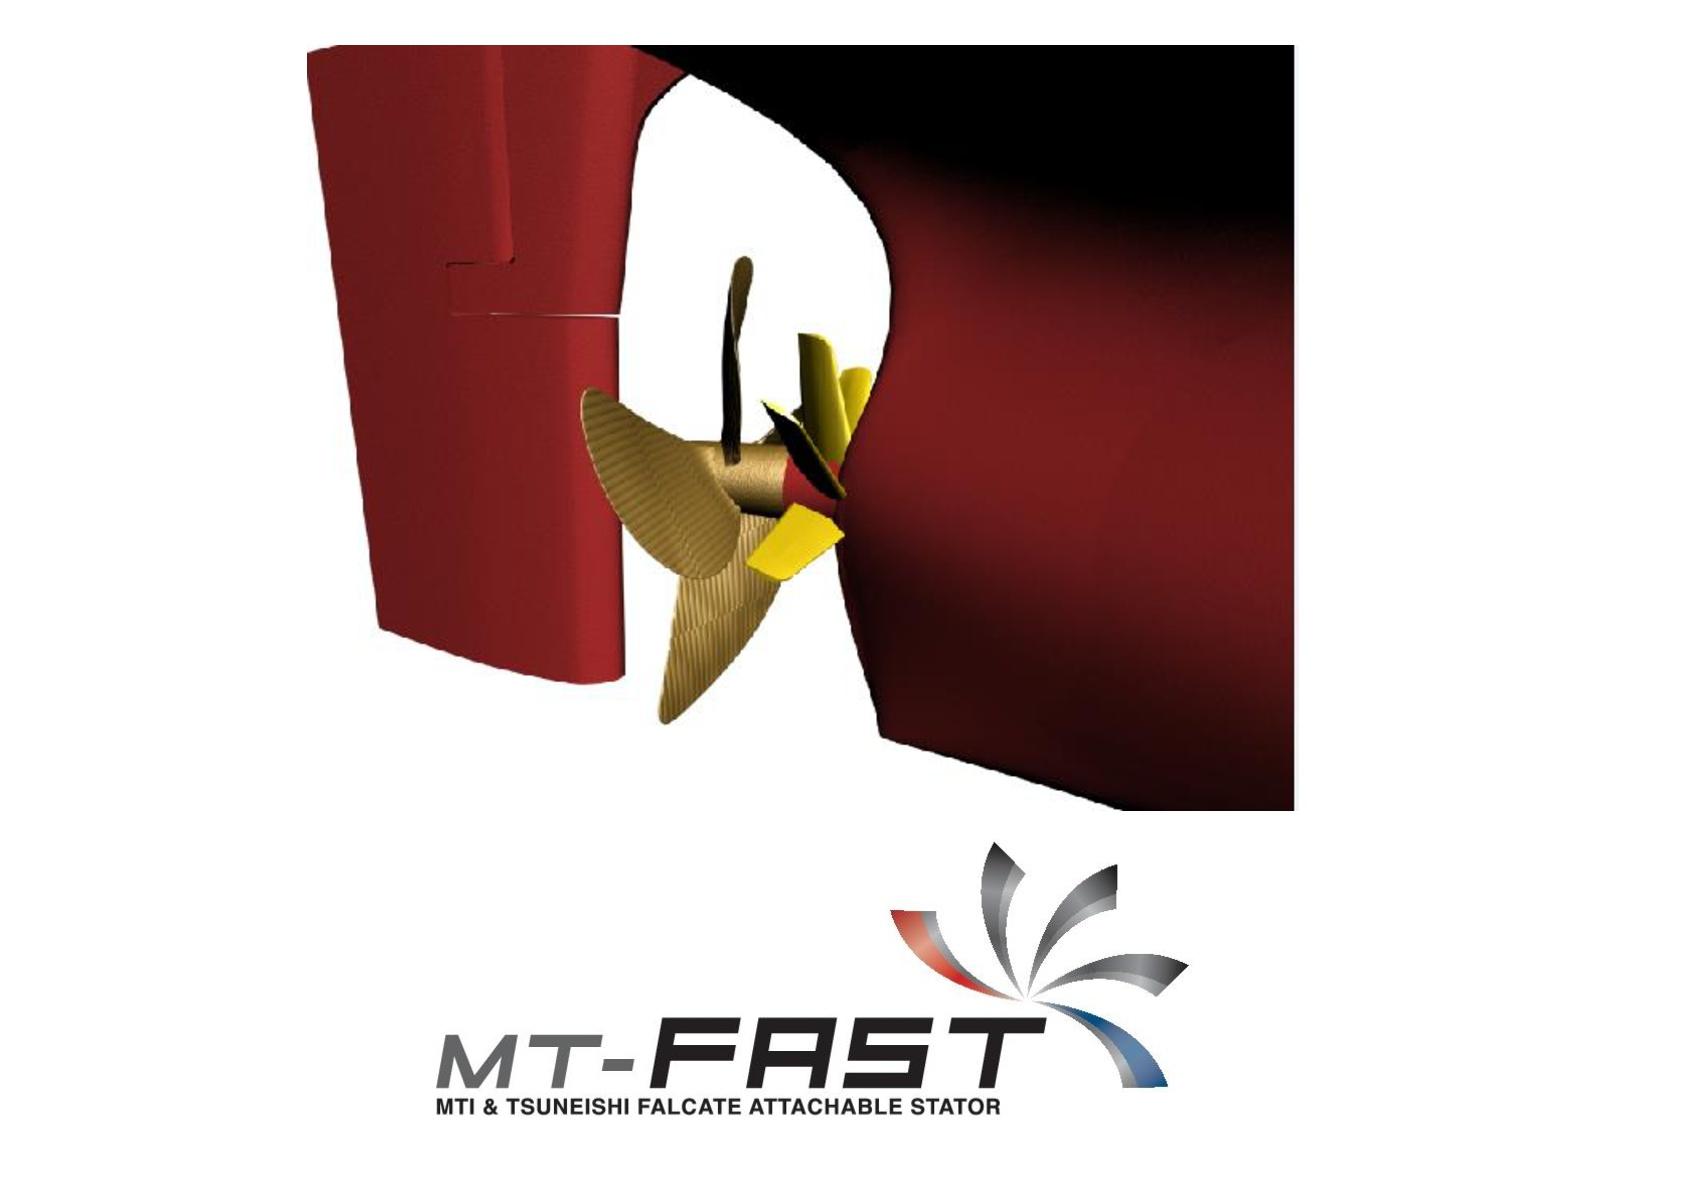 """安装了船体节能附加装置""""MT-FAST""""的船舶突破500艘 ~该装置由常石造船和日本邮船集团子公司株式会社MTI共同开发~"""